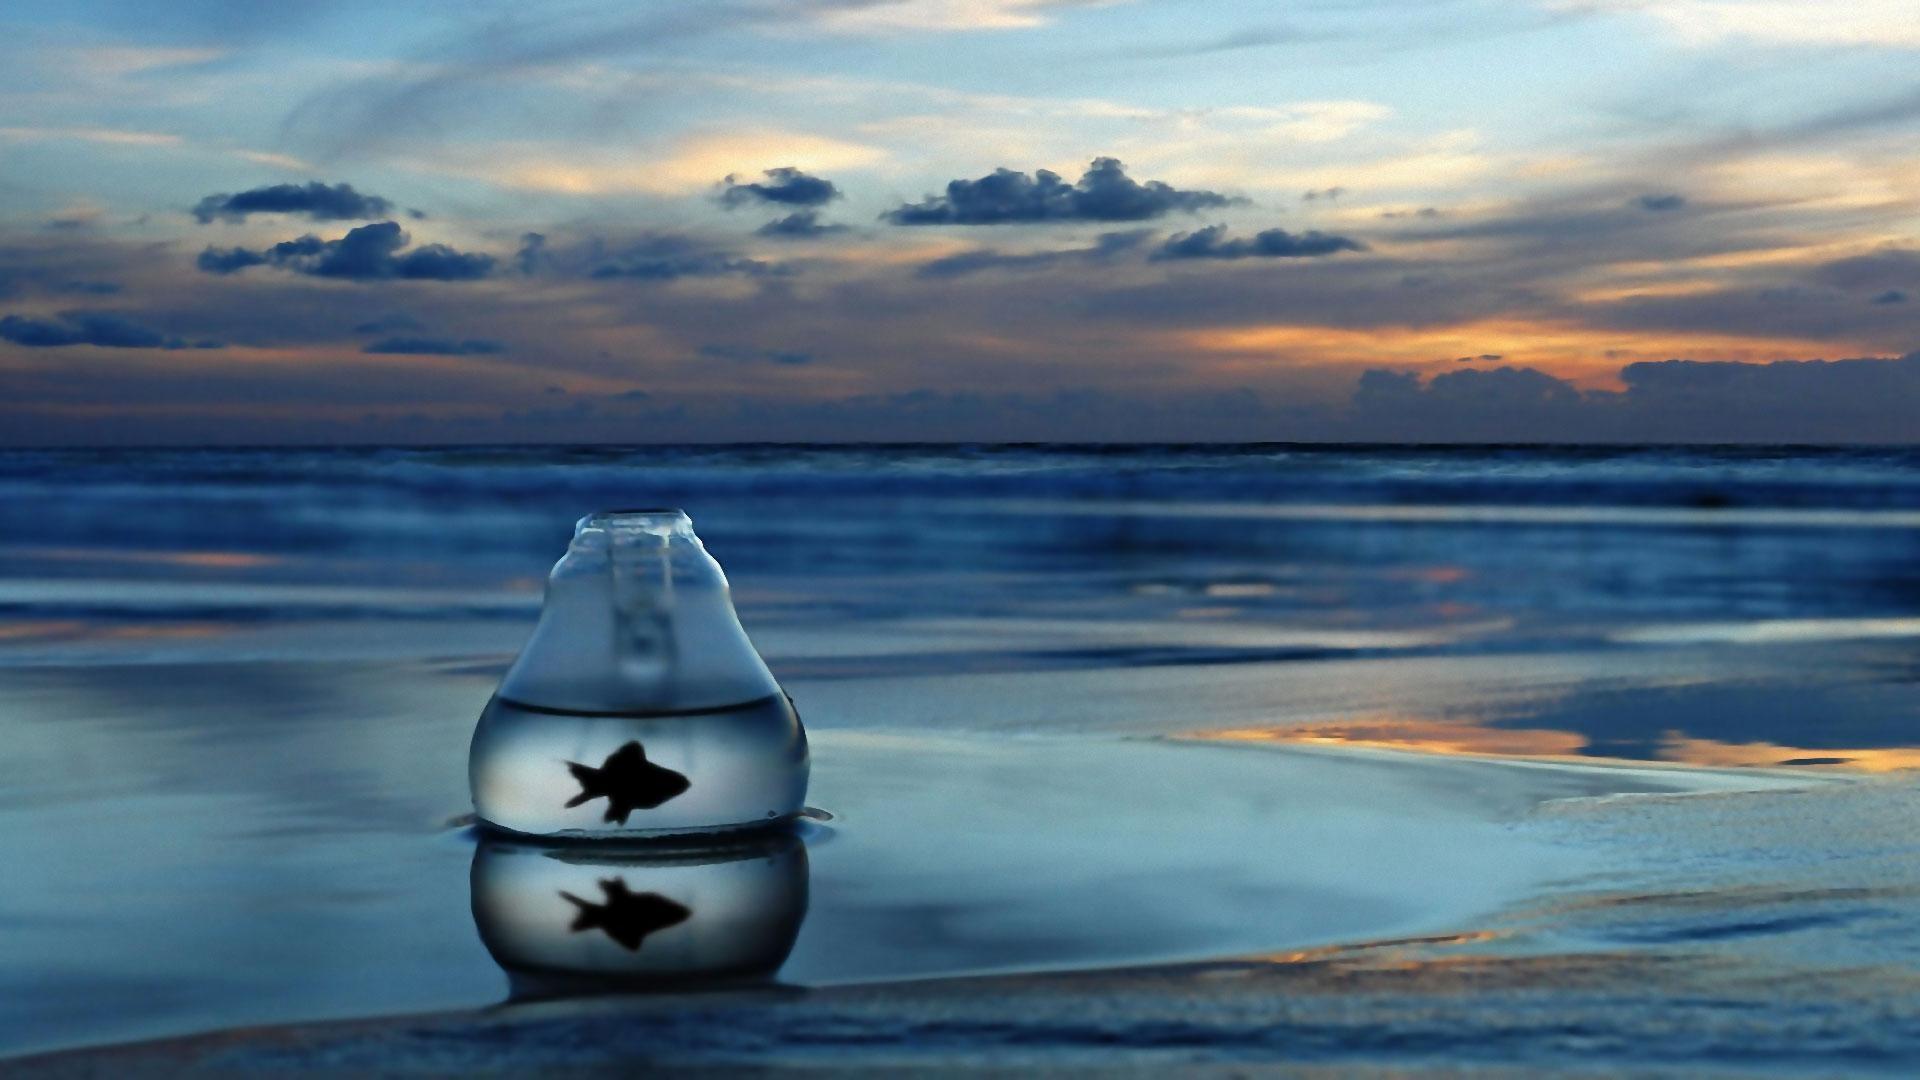 ocean-life-photos-Back-Into-The-Ocean-Back-